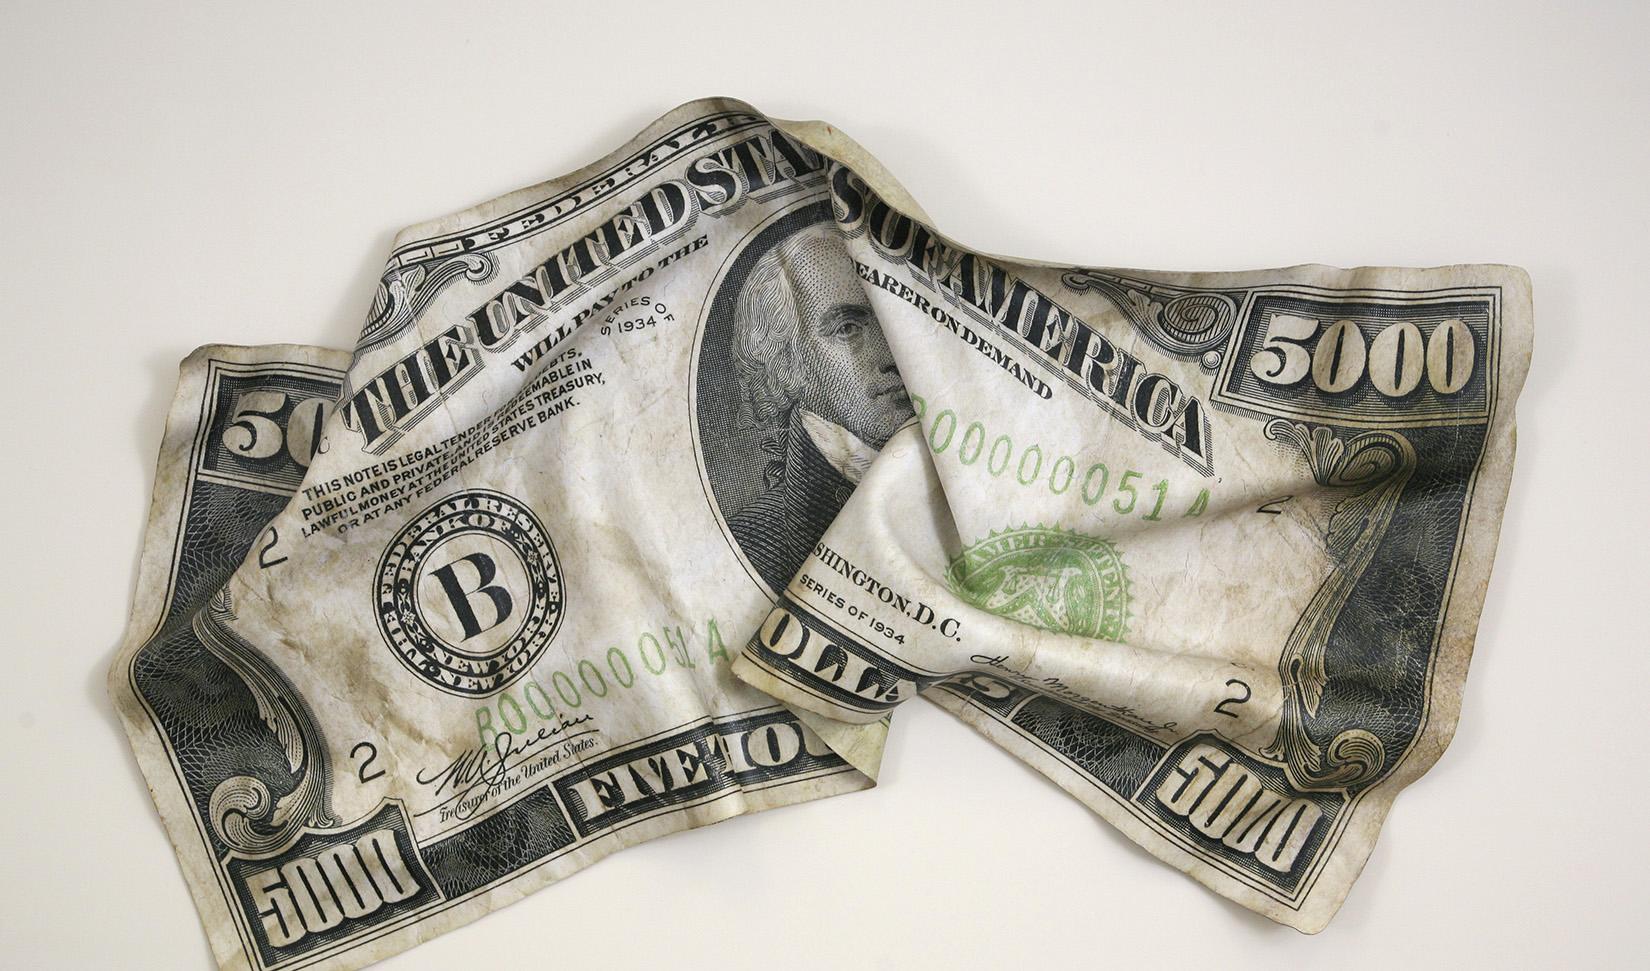 روسیه و چین با ایجاد یک سیستم ارزی ملی، دلار را کنار میگذارند